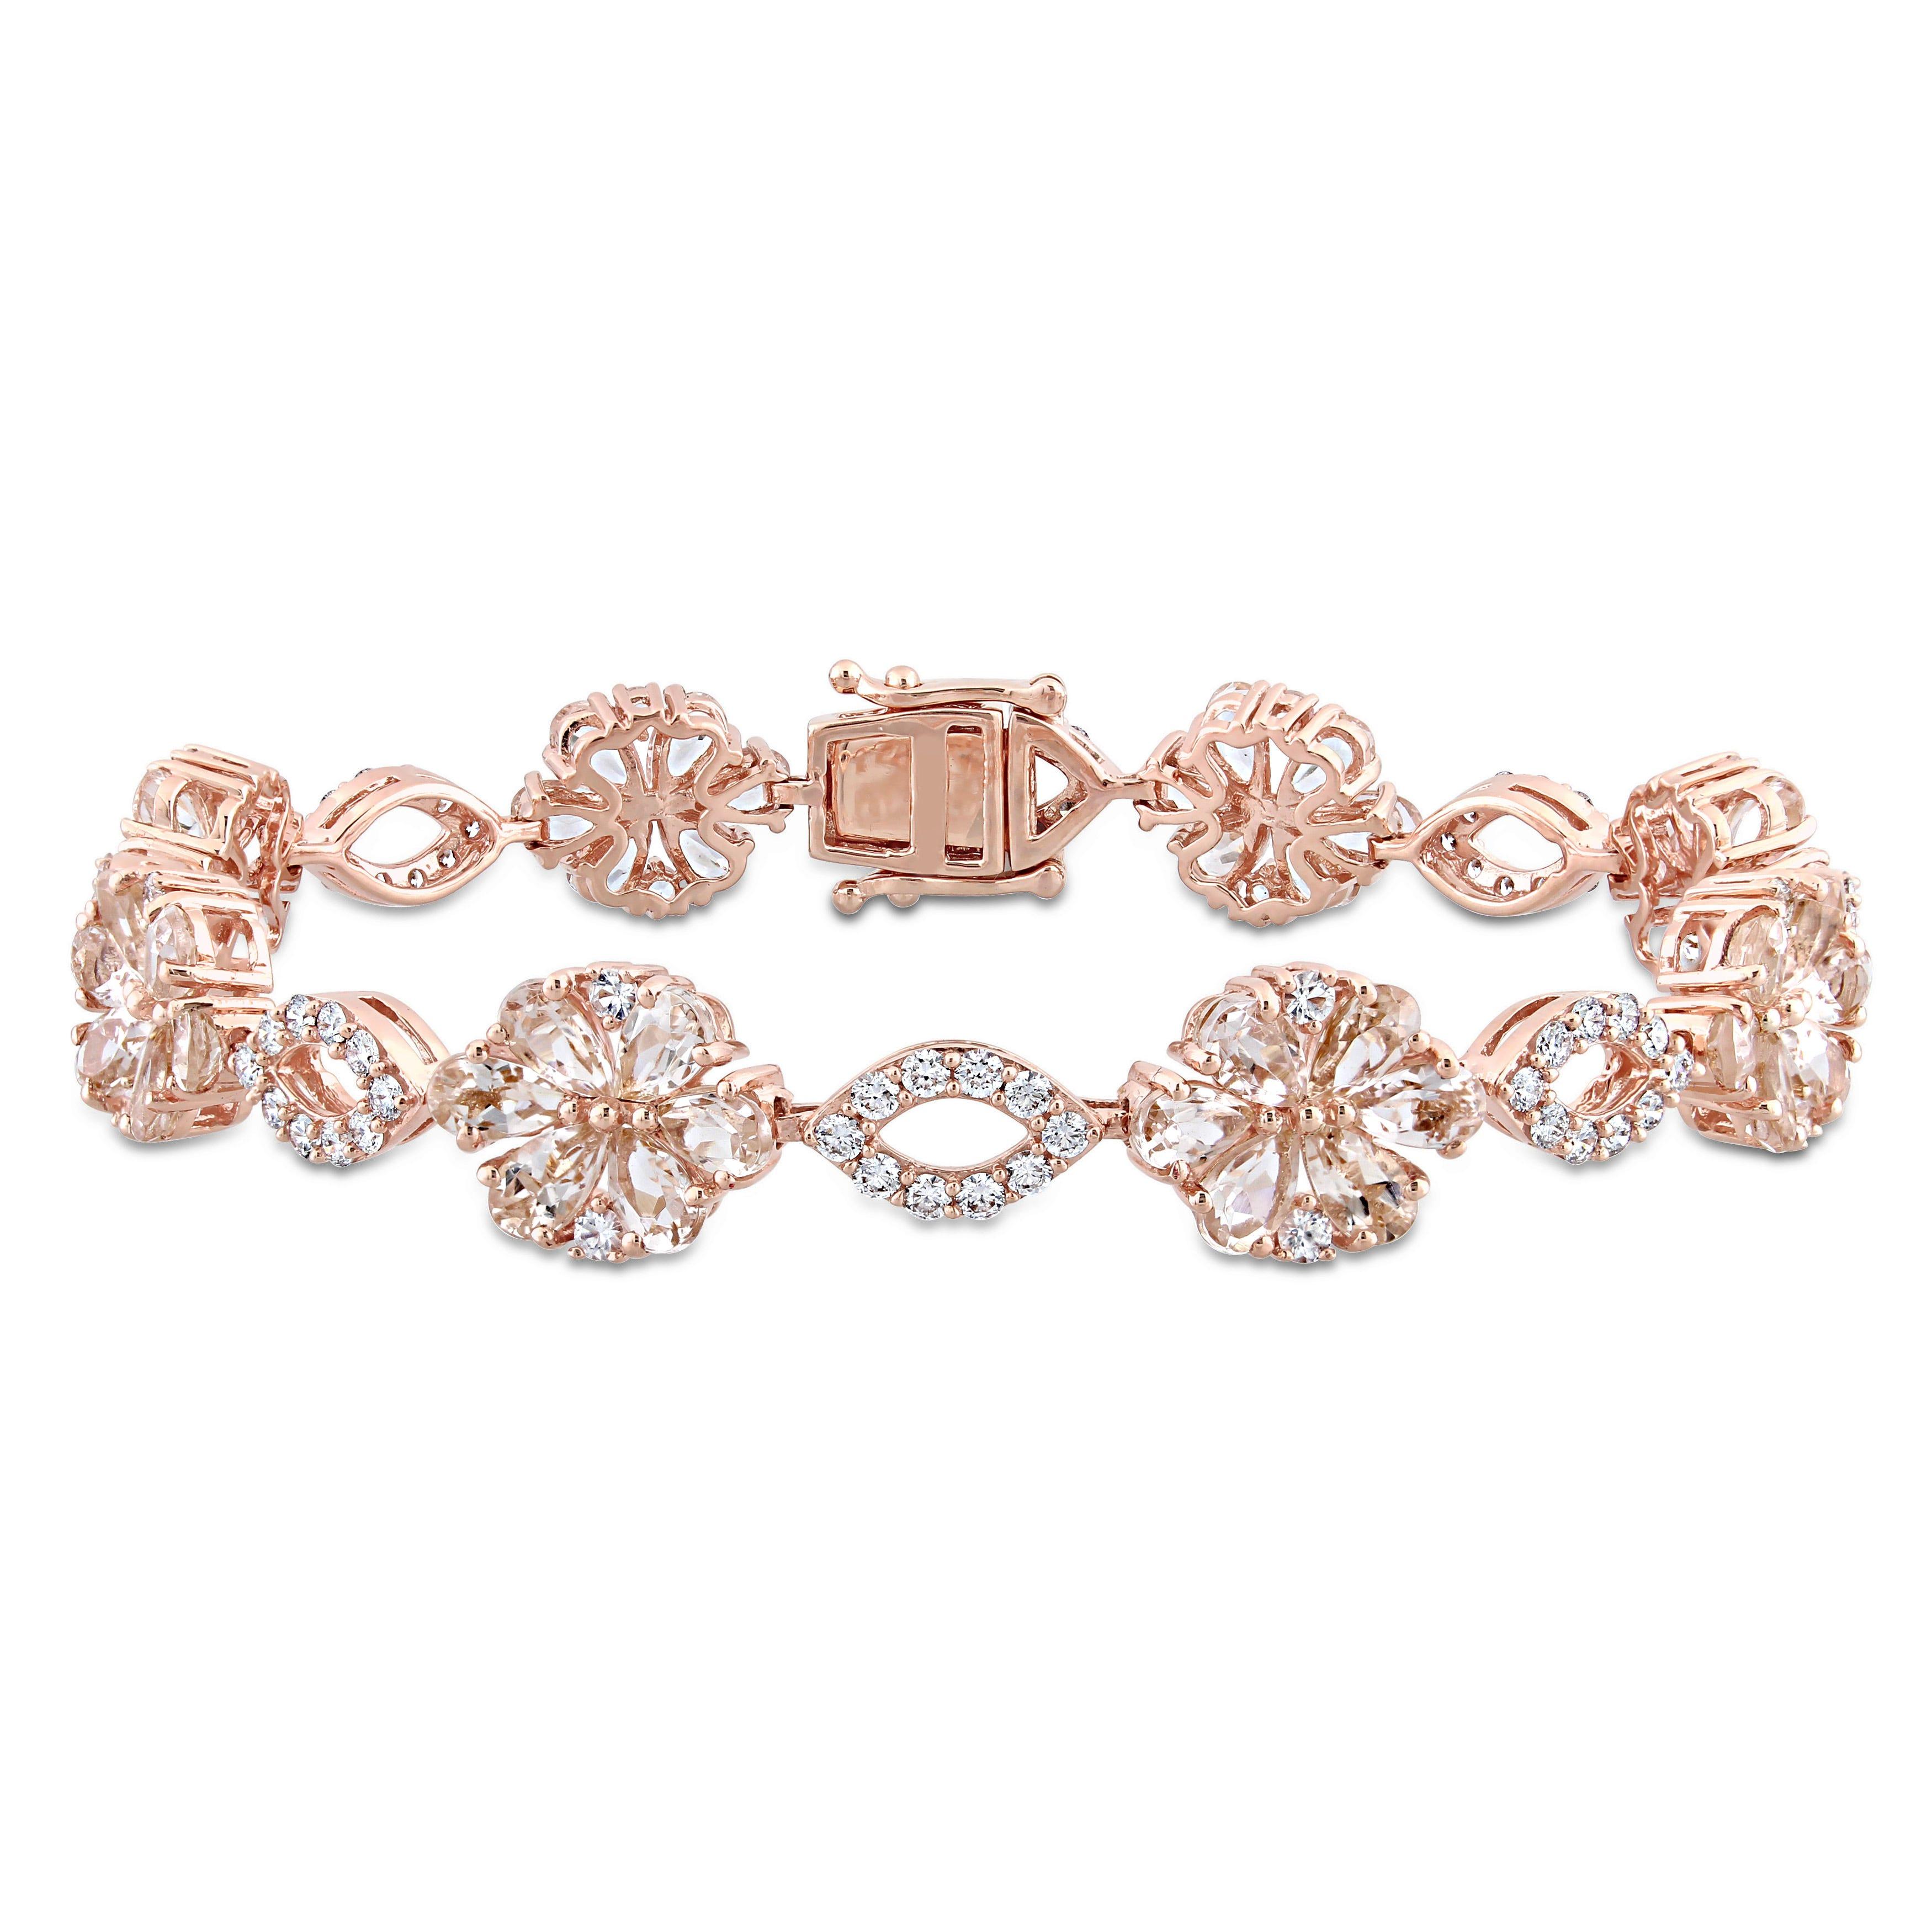 Morganite, White Sapphire & 1¼ctw. Diamond Flower Bracelet in 14k Rose Gold